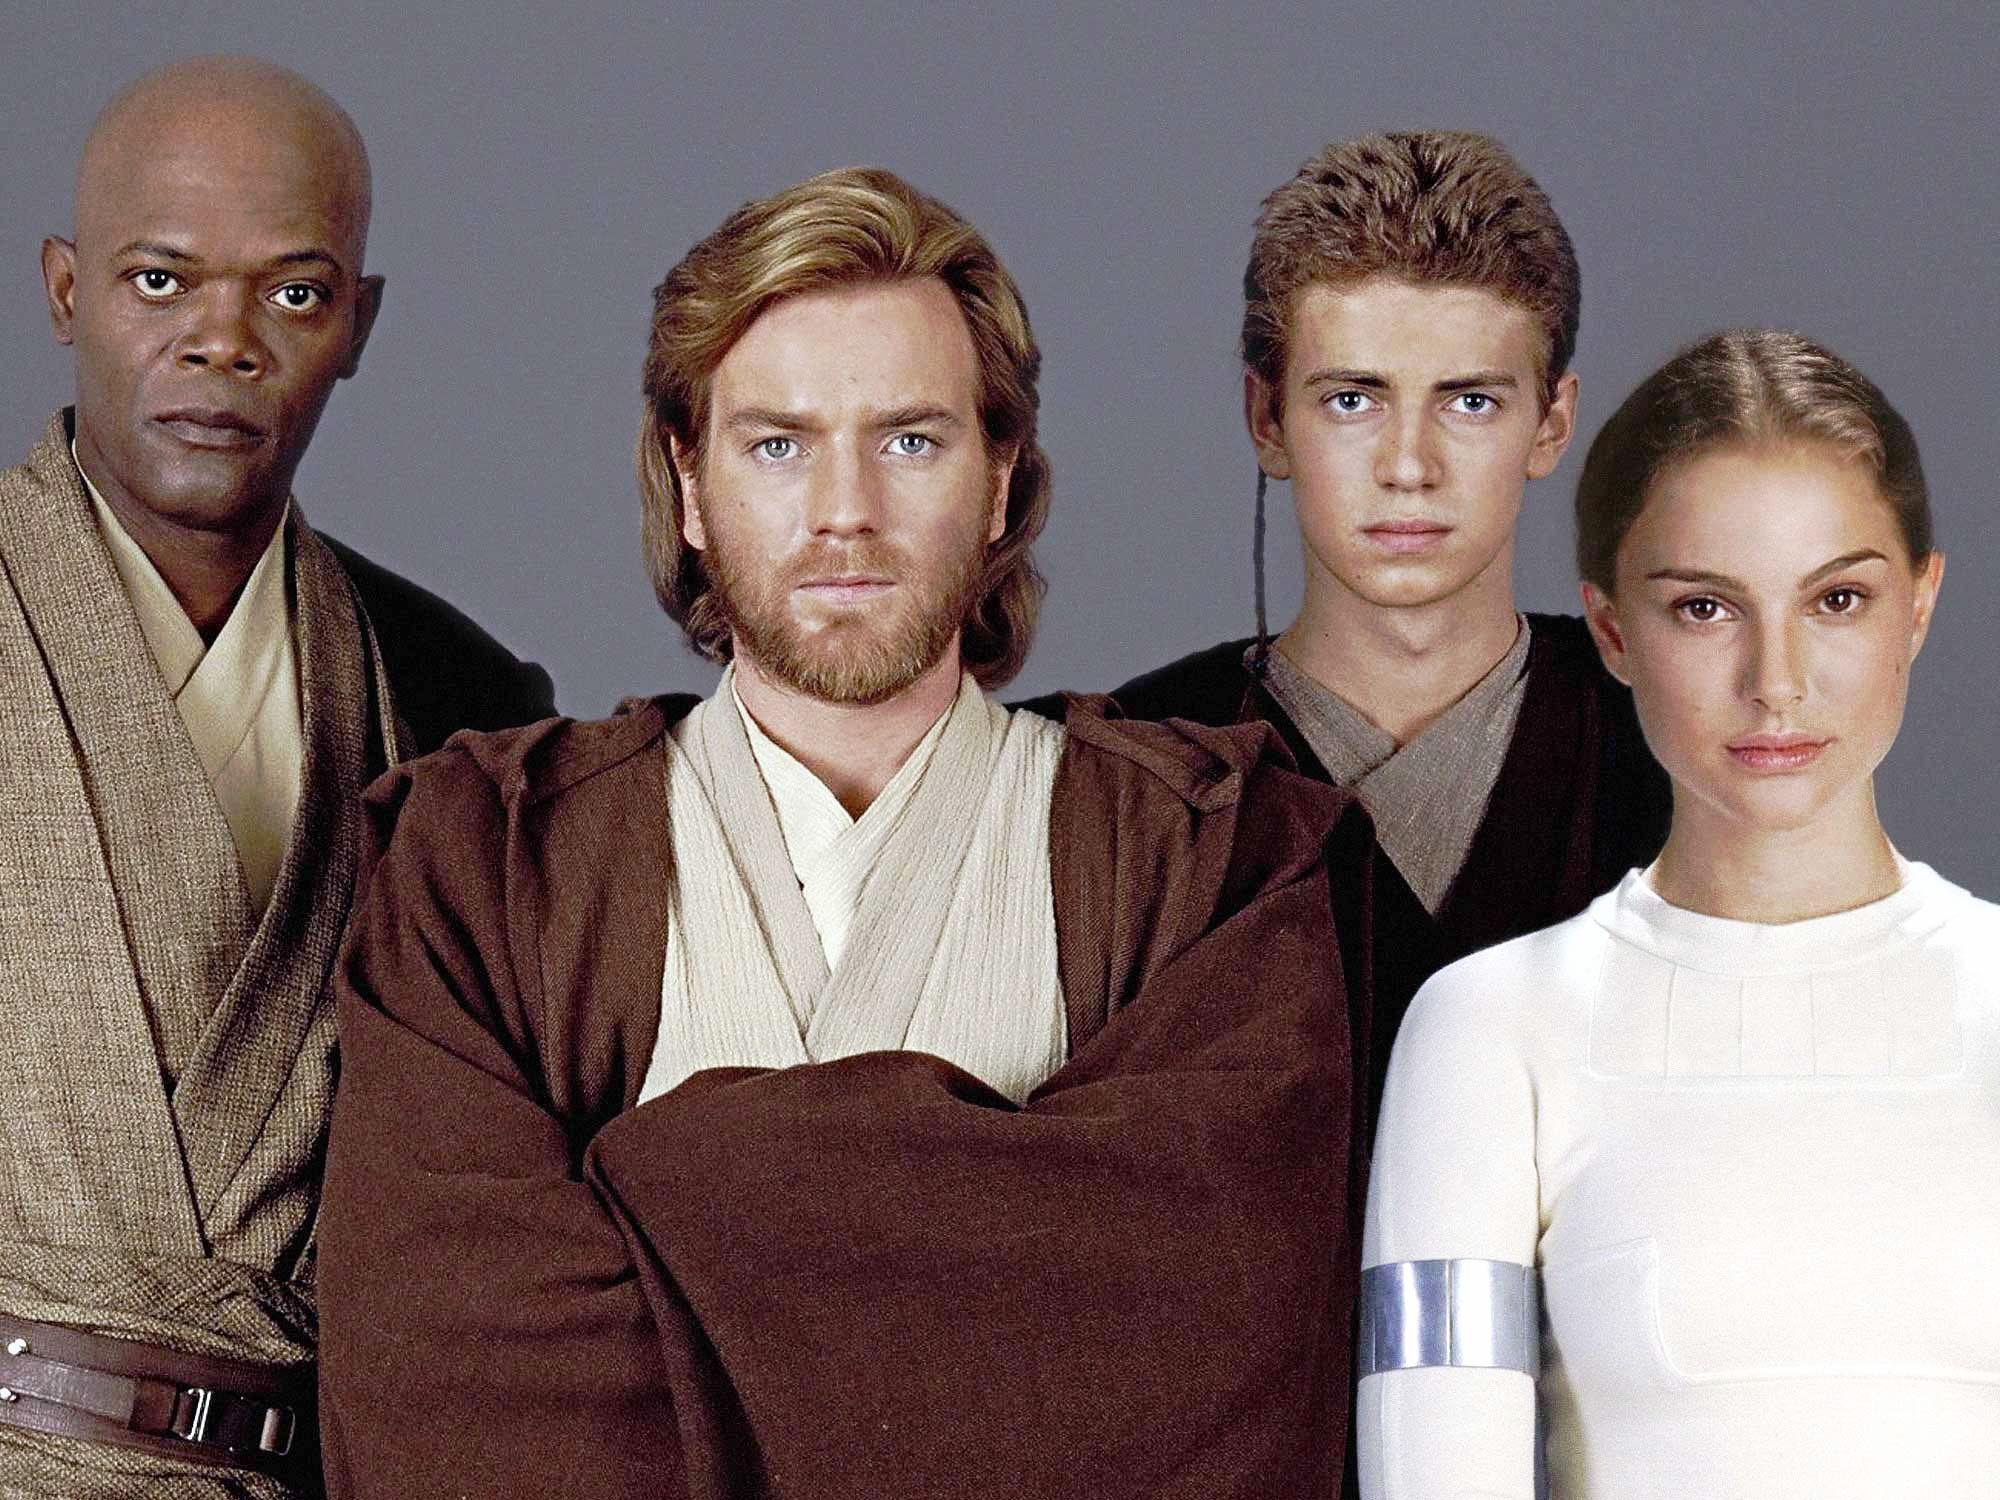 attack of the clones cast